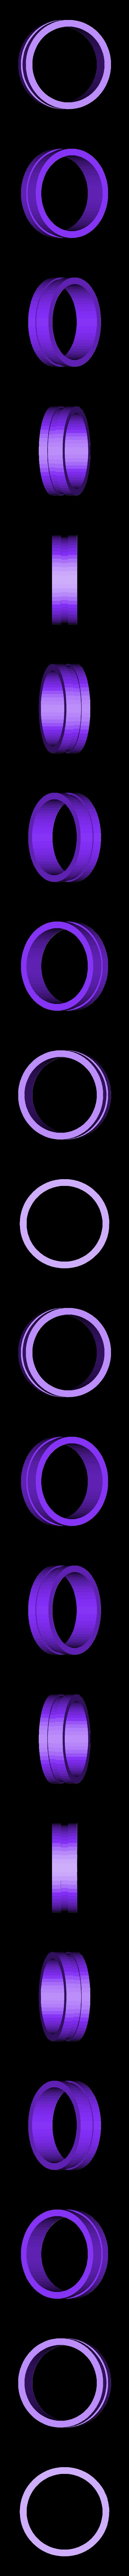 anillo 22 interior.stl Télécharger fichier STL gratuit Anillo / Ring • Objet imprimable en 3D, amg3D